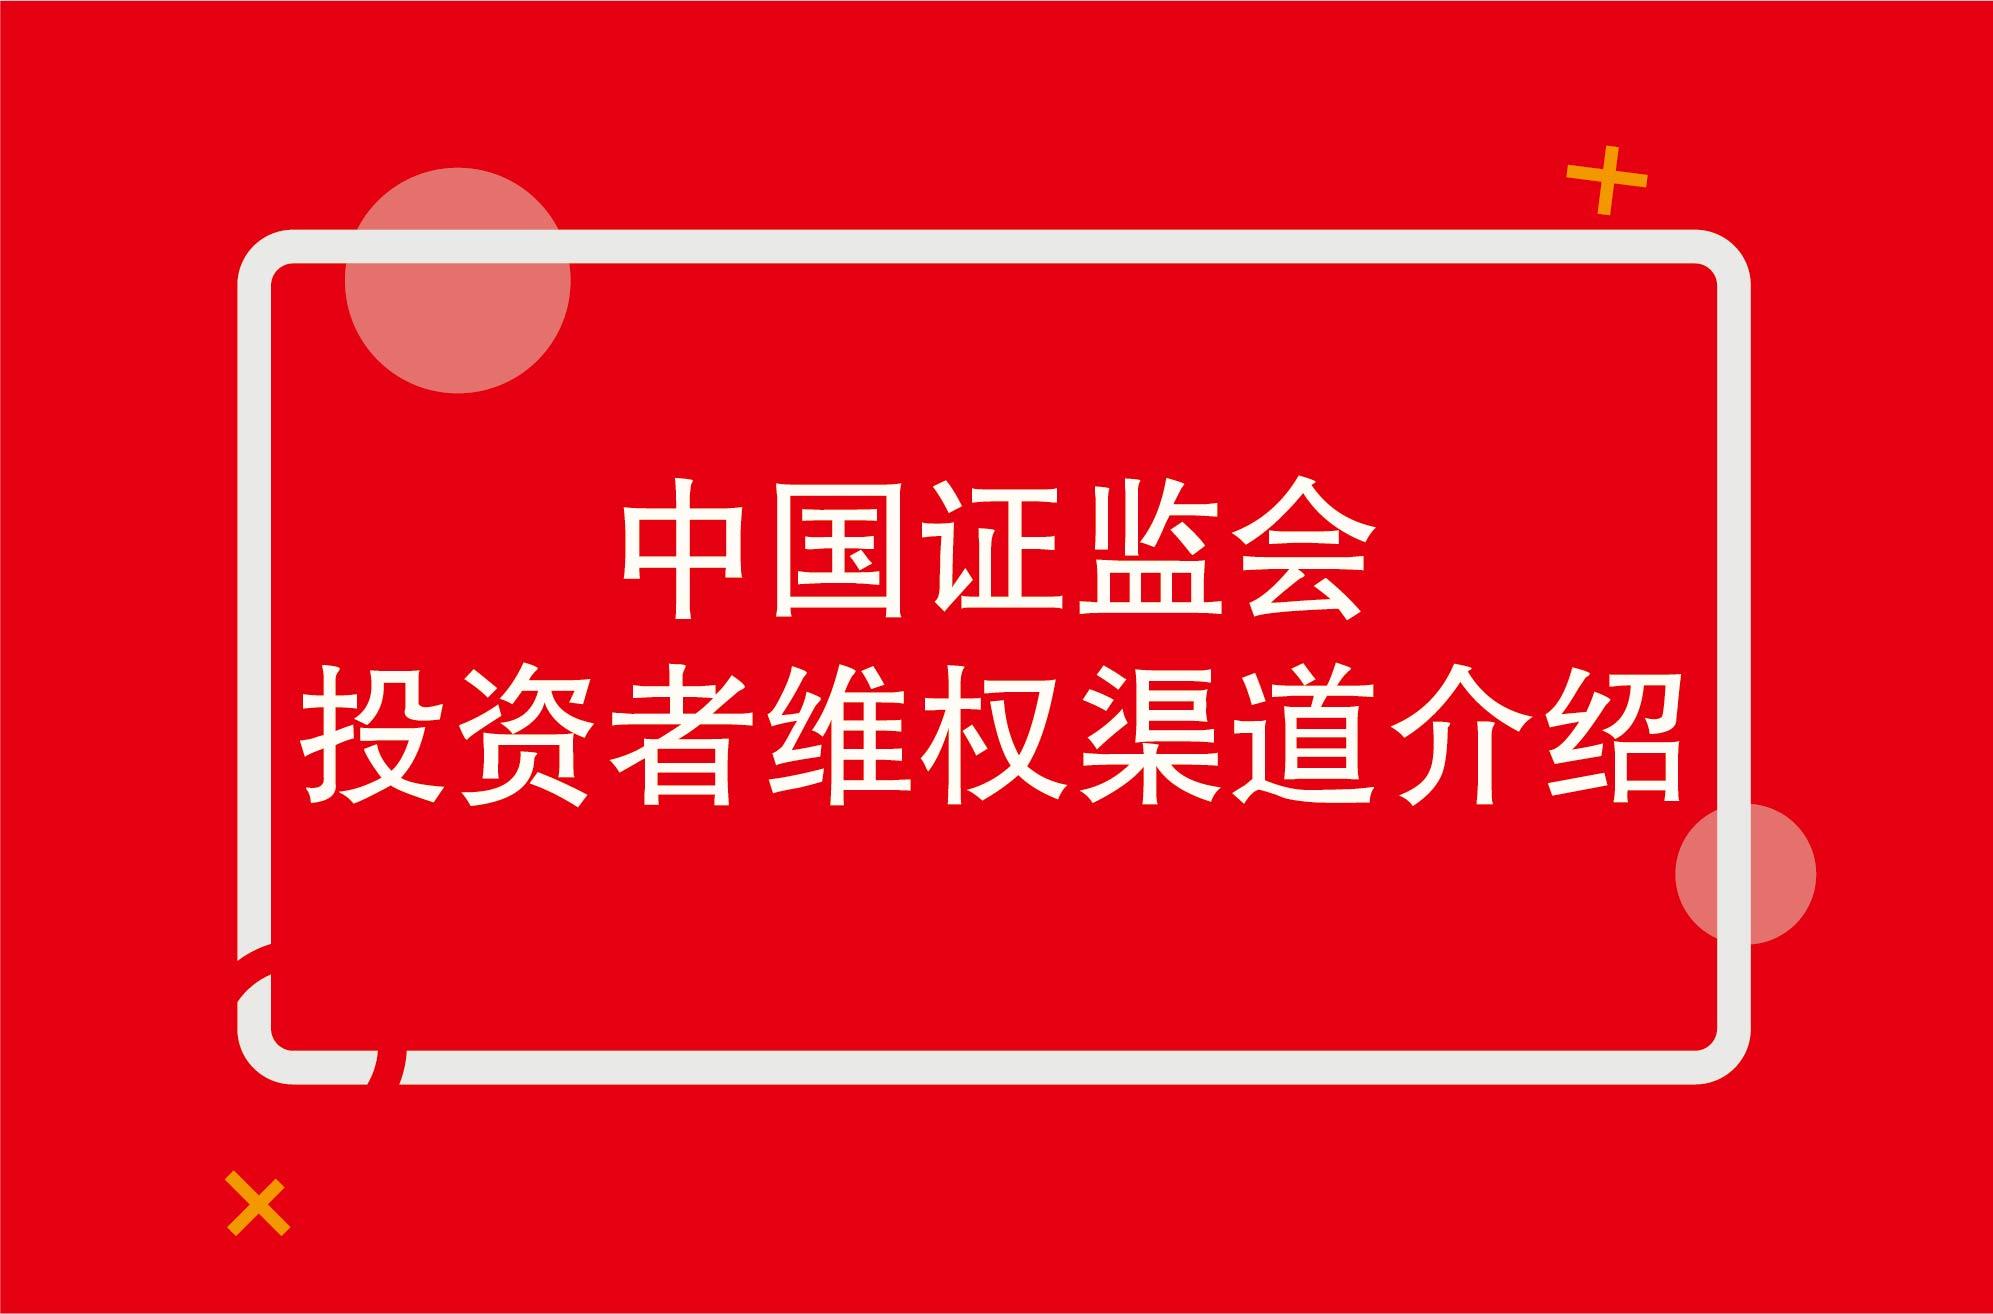 投资者维权-02.jpg